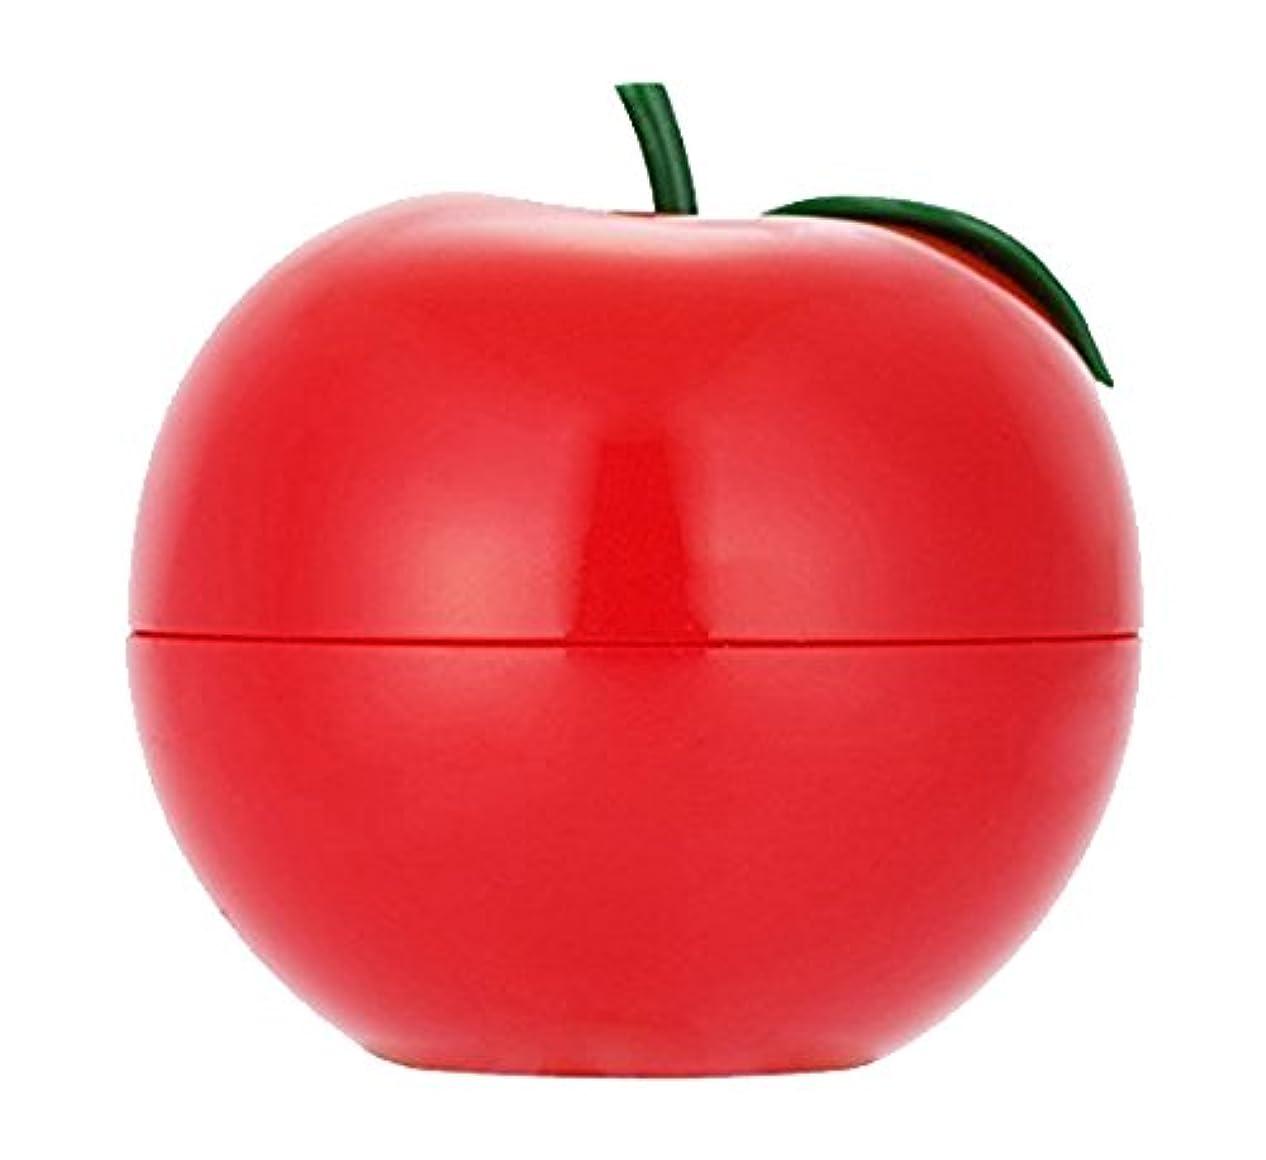 プレゼンター抵抗力があるコンテンポラリートニーモリー TONY MOLY レッド アップル ハンドクリーム